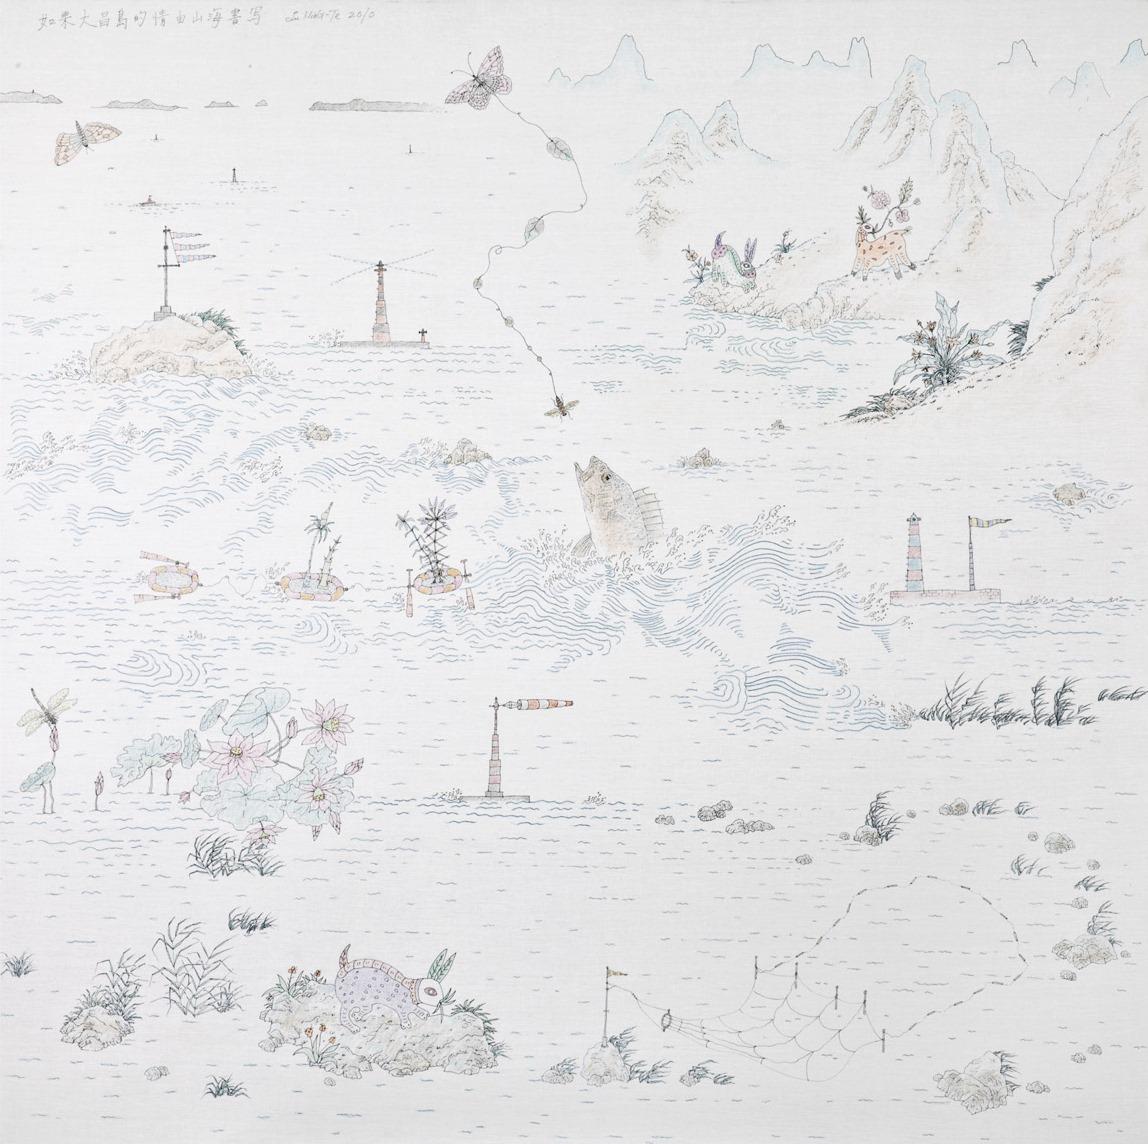 如果大昌島的情由山海書寫  150x150 cm 2010 複合媒材